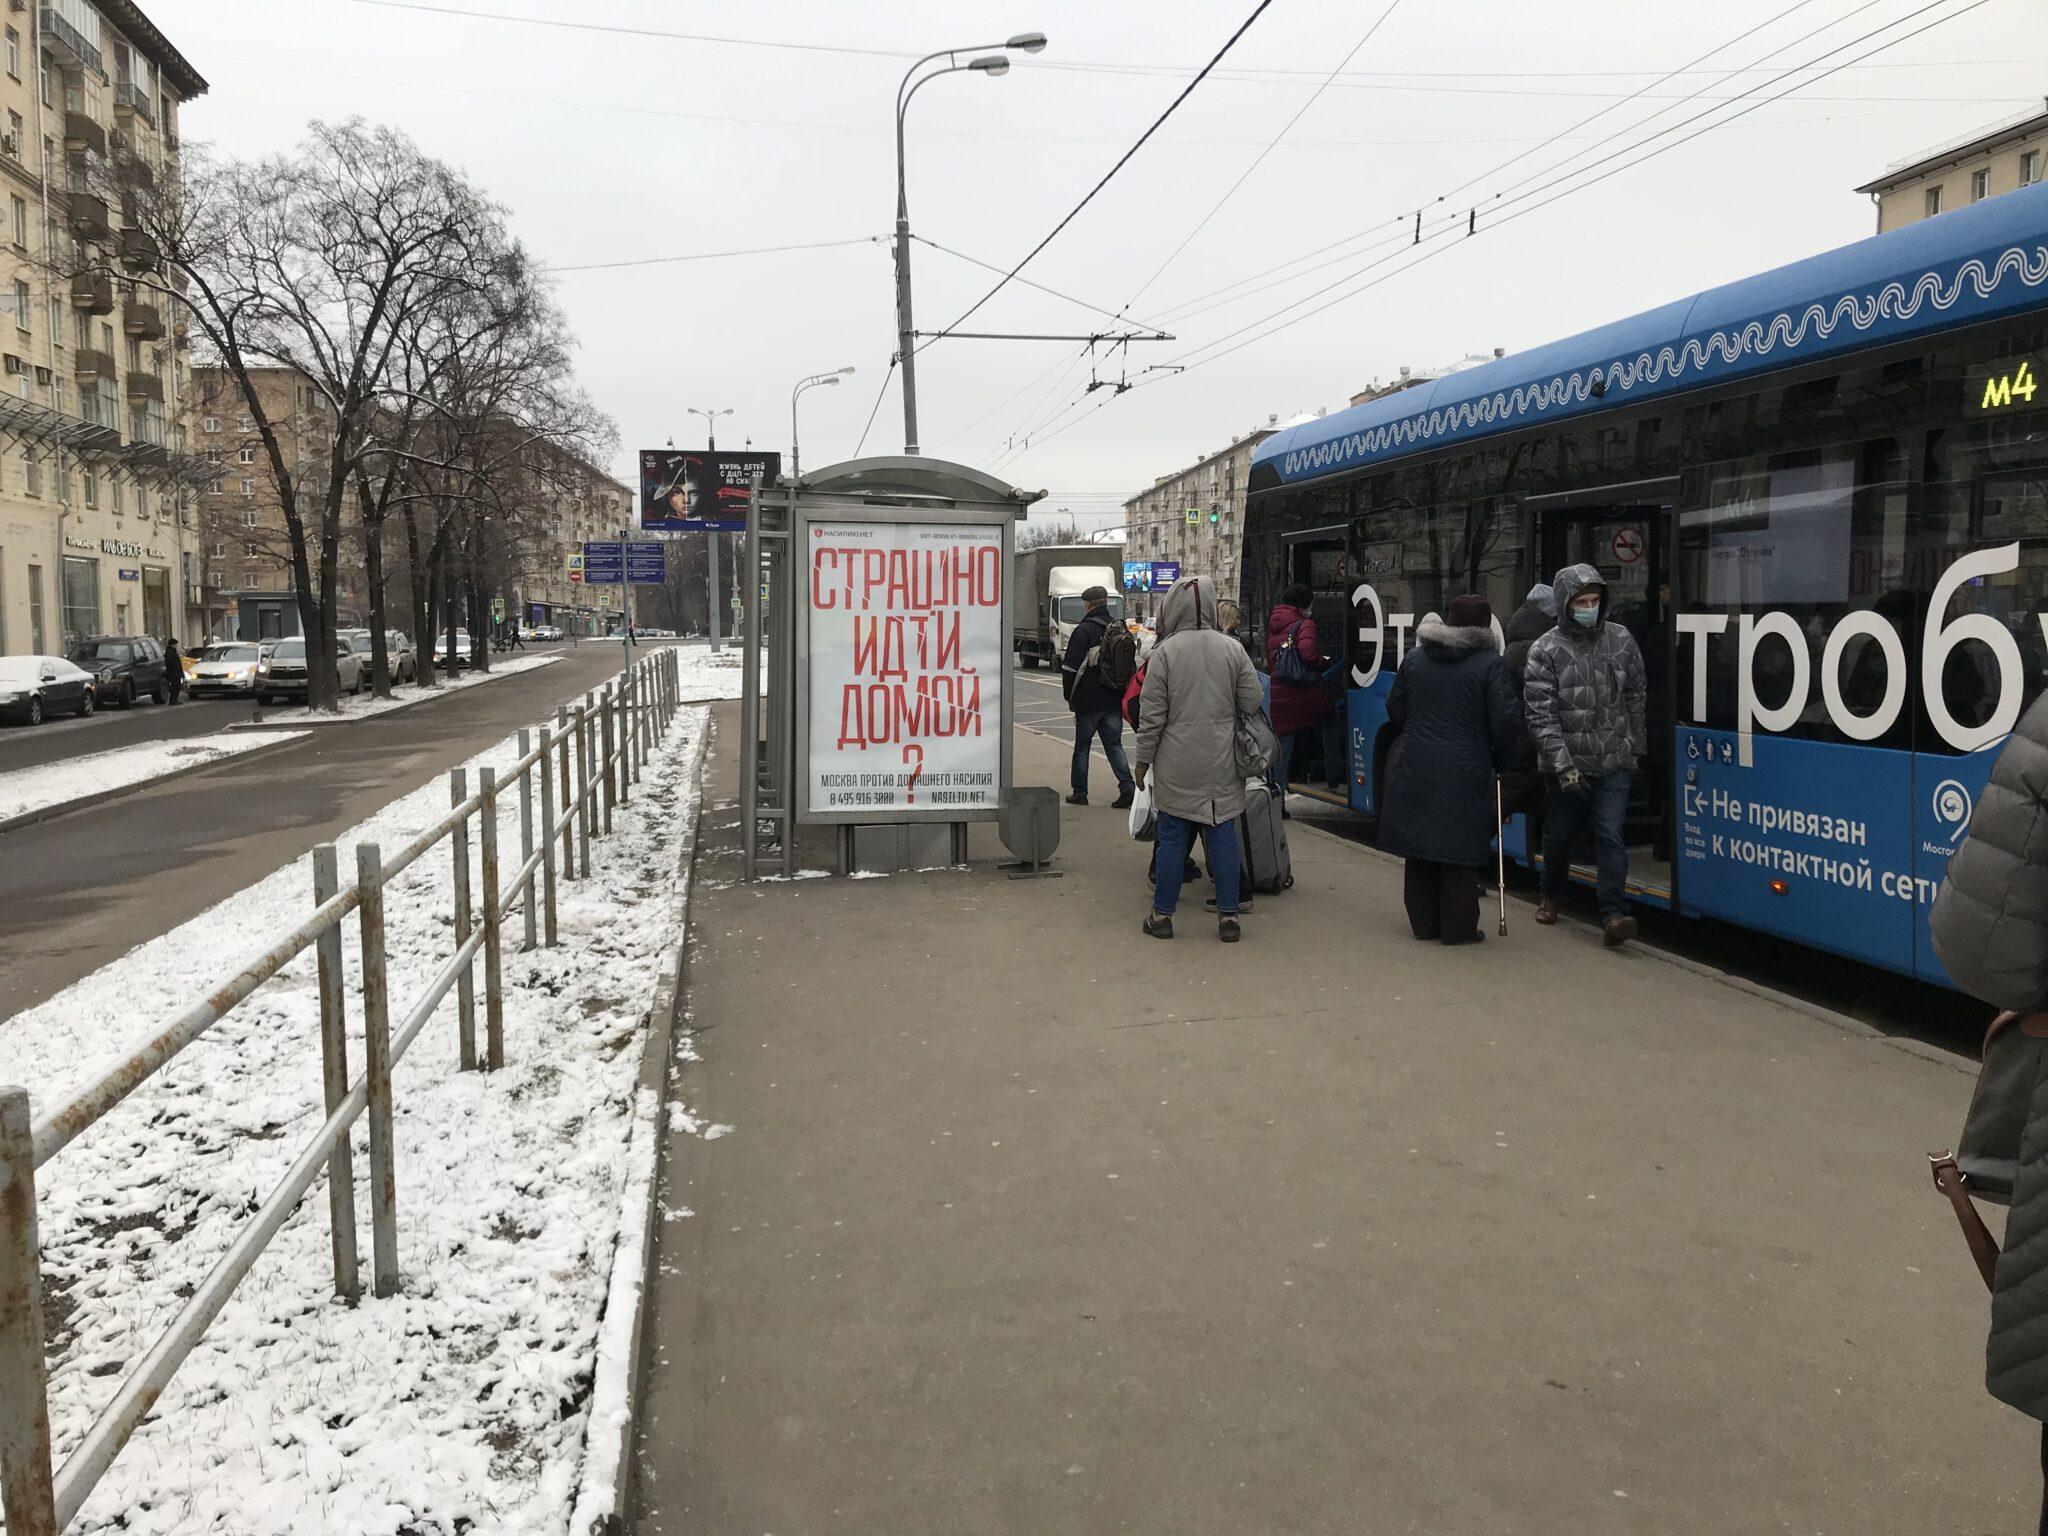 билборды насилию.нет